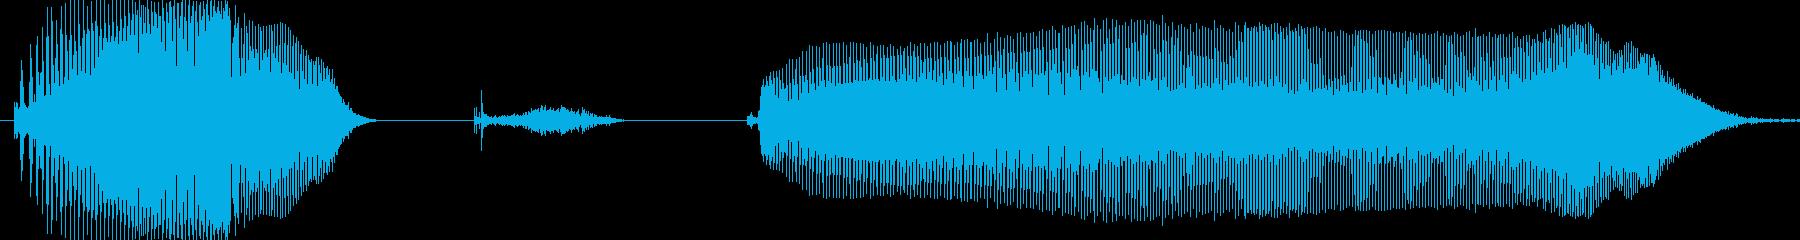 起きて!の再生済みの波形